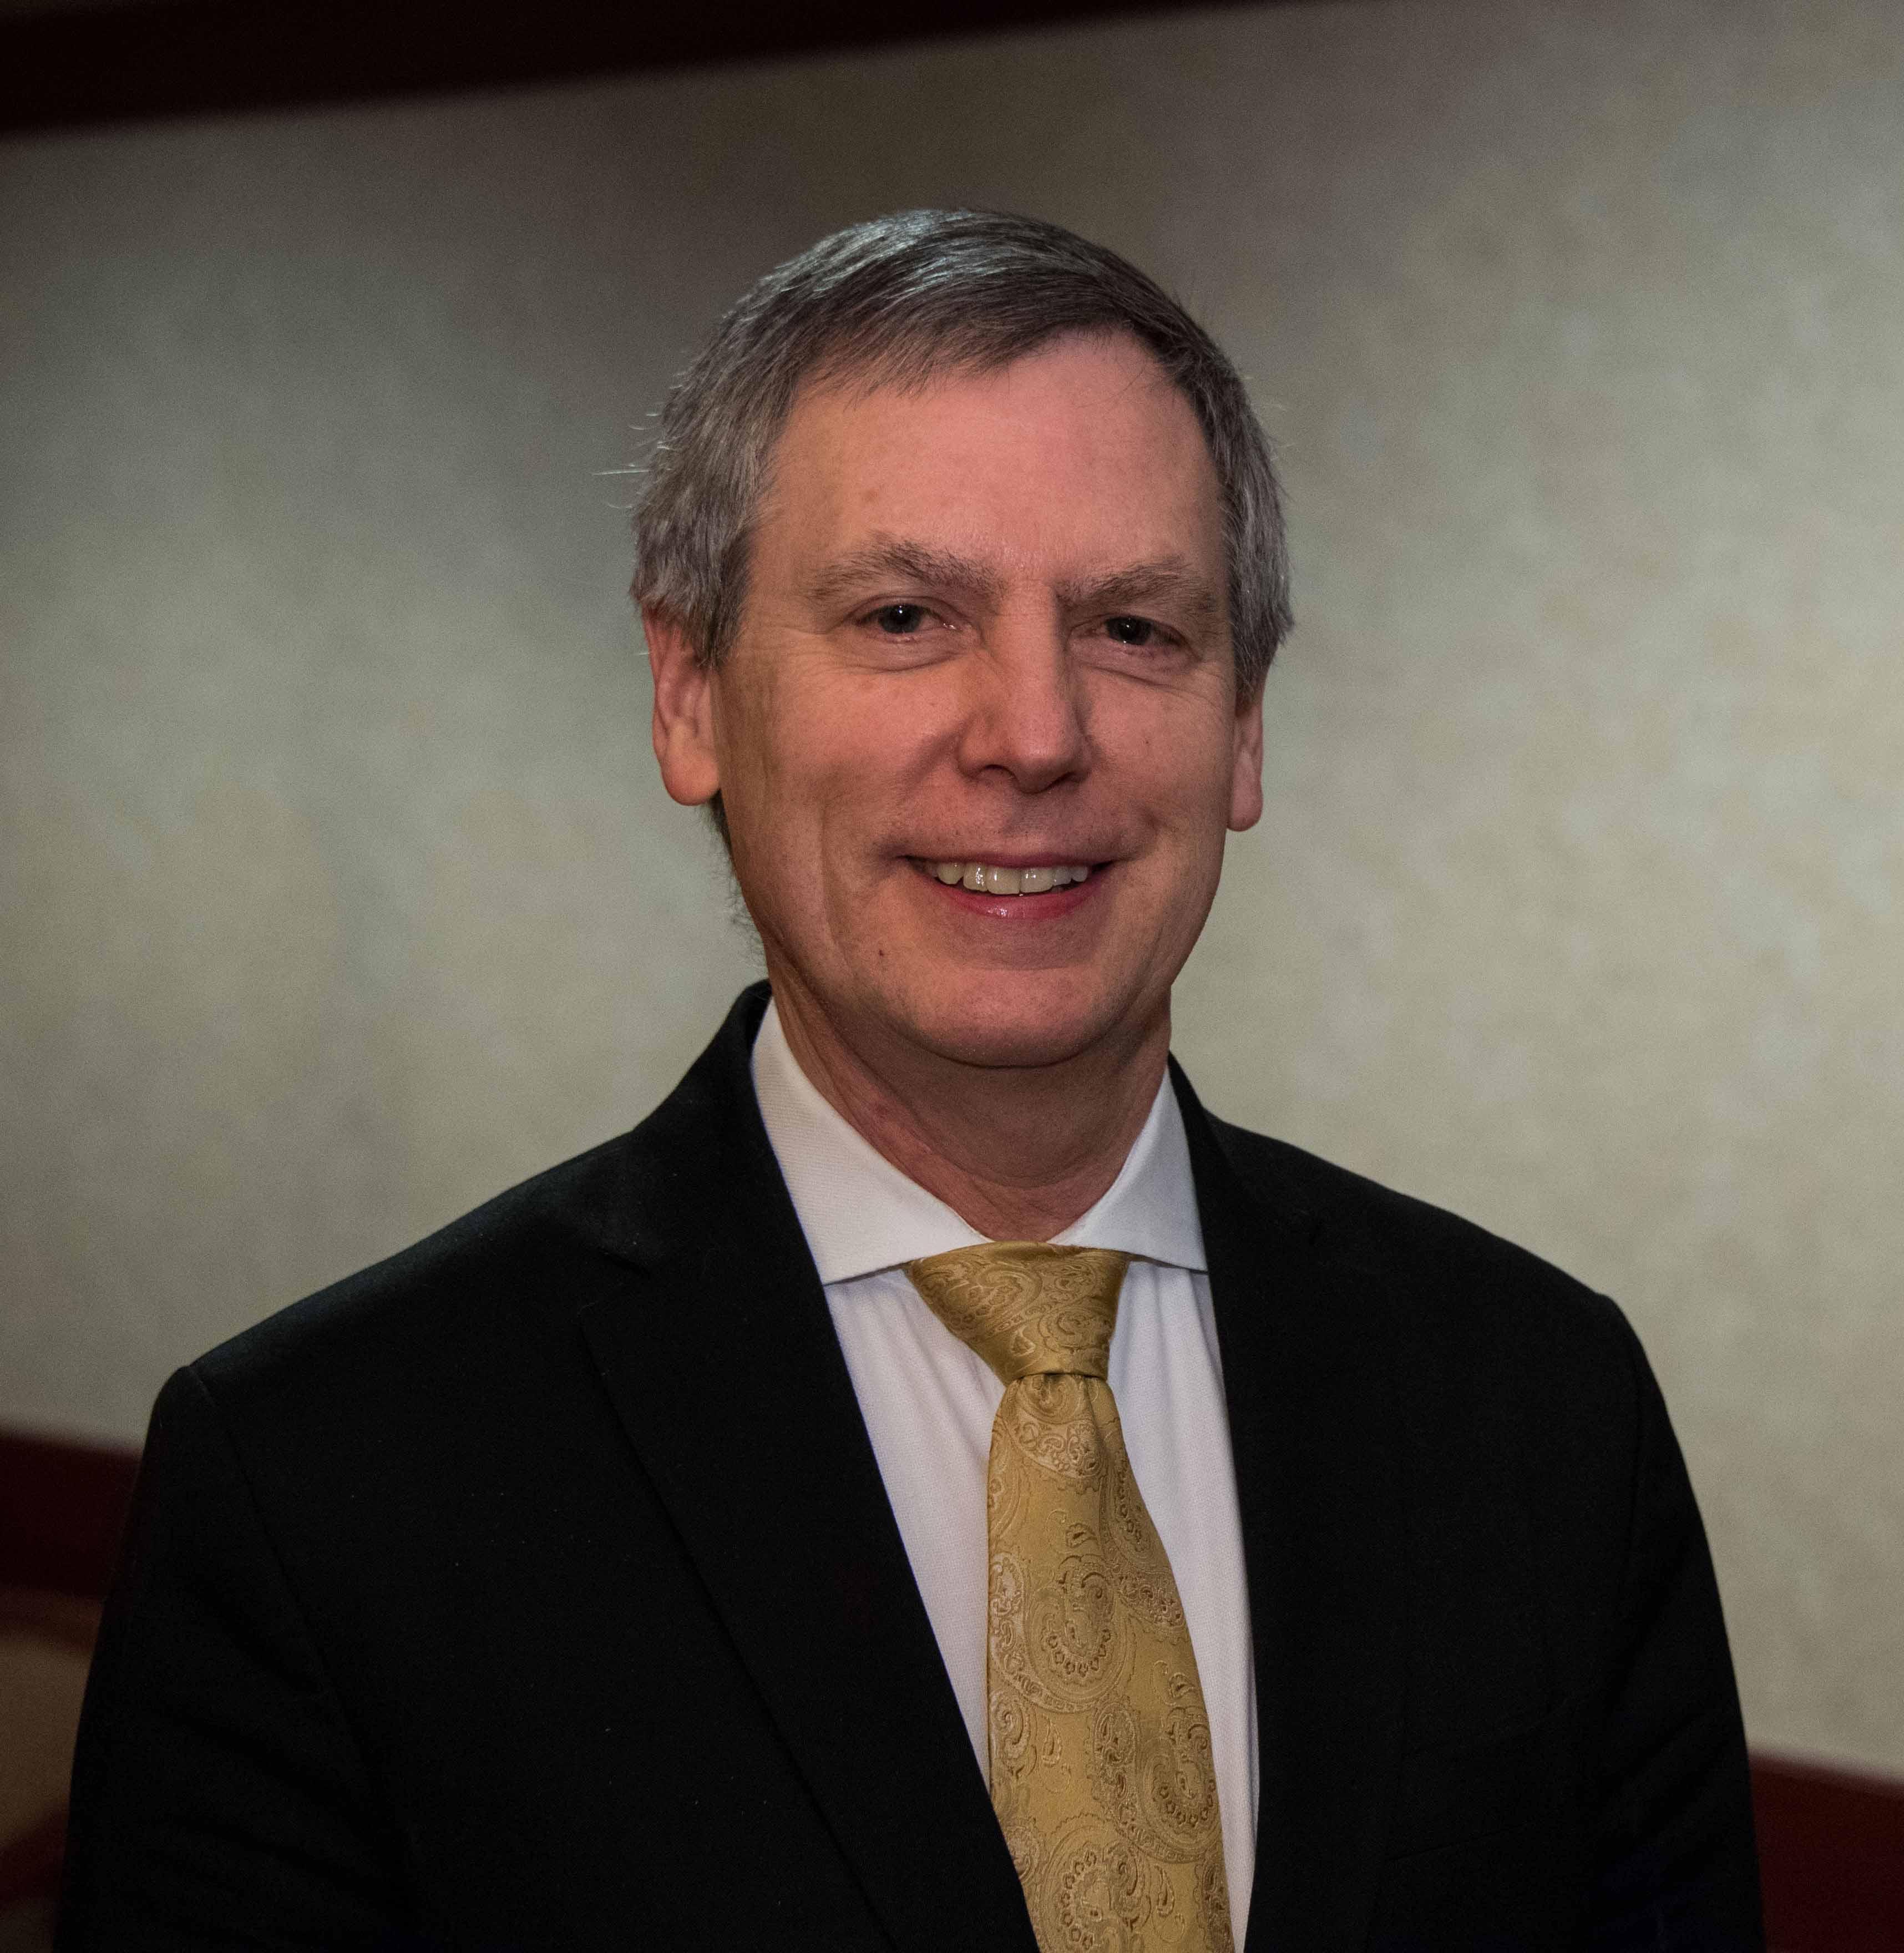 Medical ethicist Daniel Sulmasy, MD, PhD